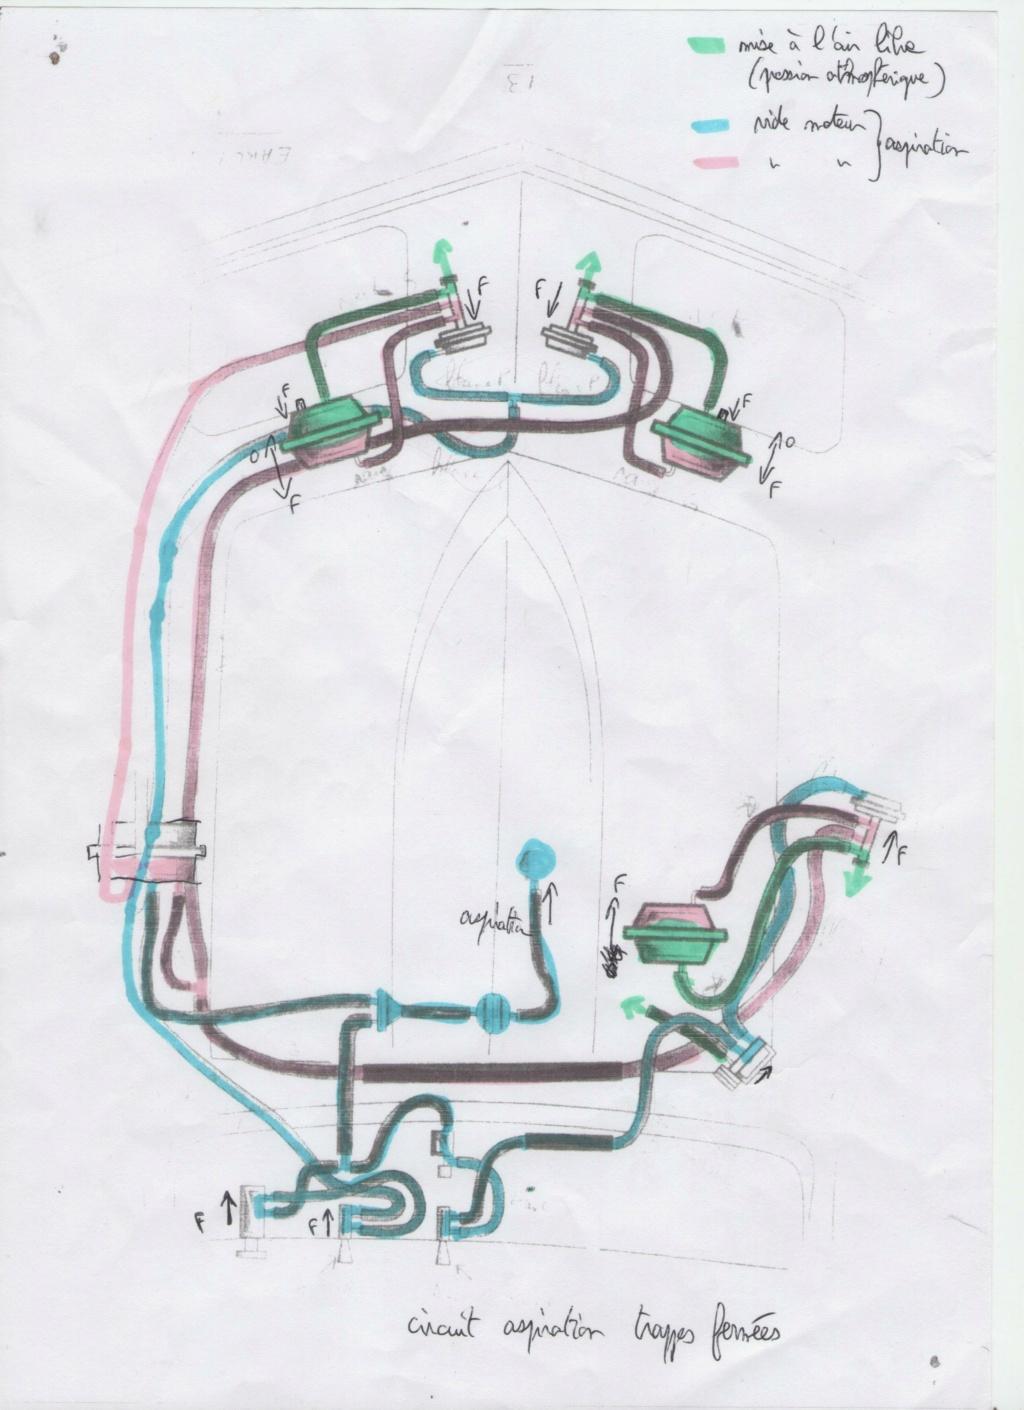 problèmes moteur essuie-glace et trappe d'essuie-glace Circui10